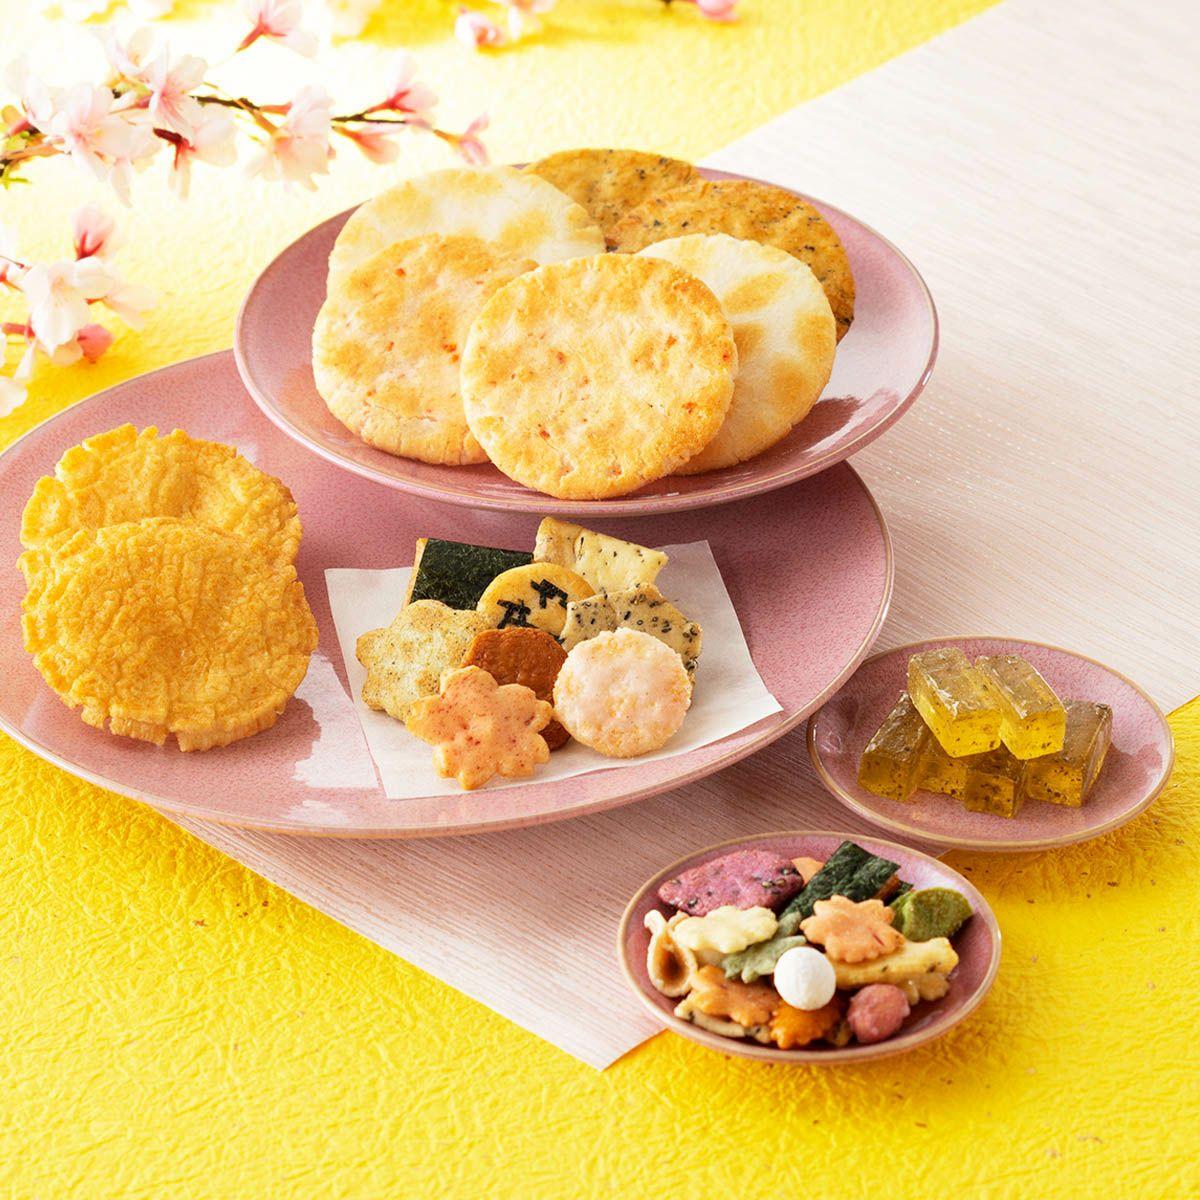 春の限定菓子7種詰め合わせ「春めぐり」 化粧箱 (23袋入)